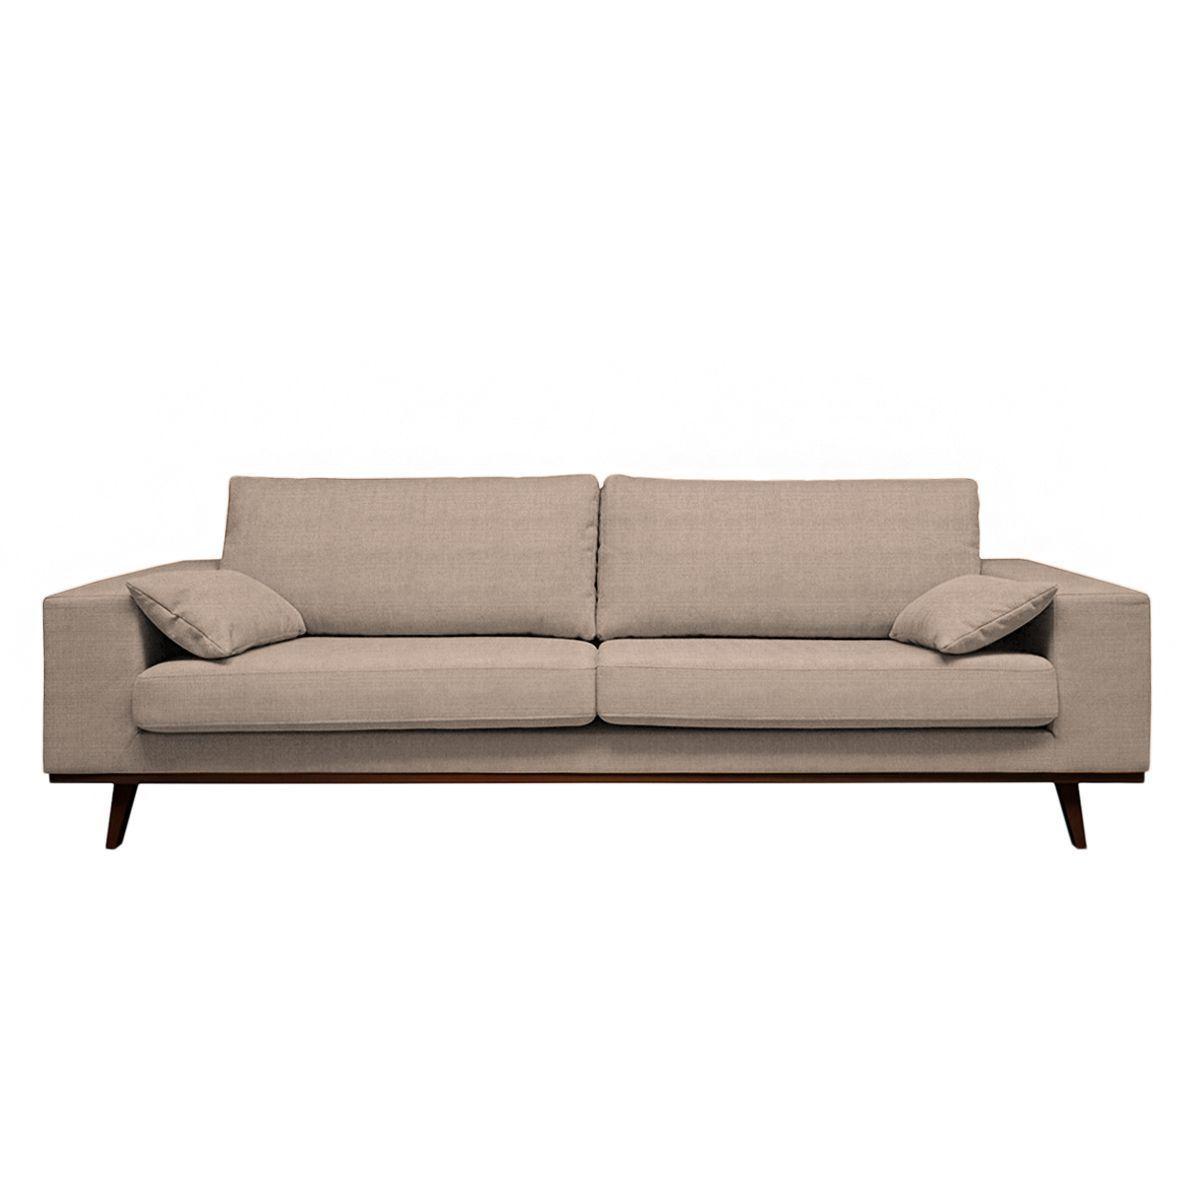 Sofa Billund II (3 Sitzer) Webstoff   Congo Grau, Morteens Jetzt Bestellen  Unter: Https://moebel.ladendirekt.de/wohnzimmer/sofas/2 Und 3 Sitzer Sofas/?uidu003d  ...